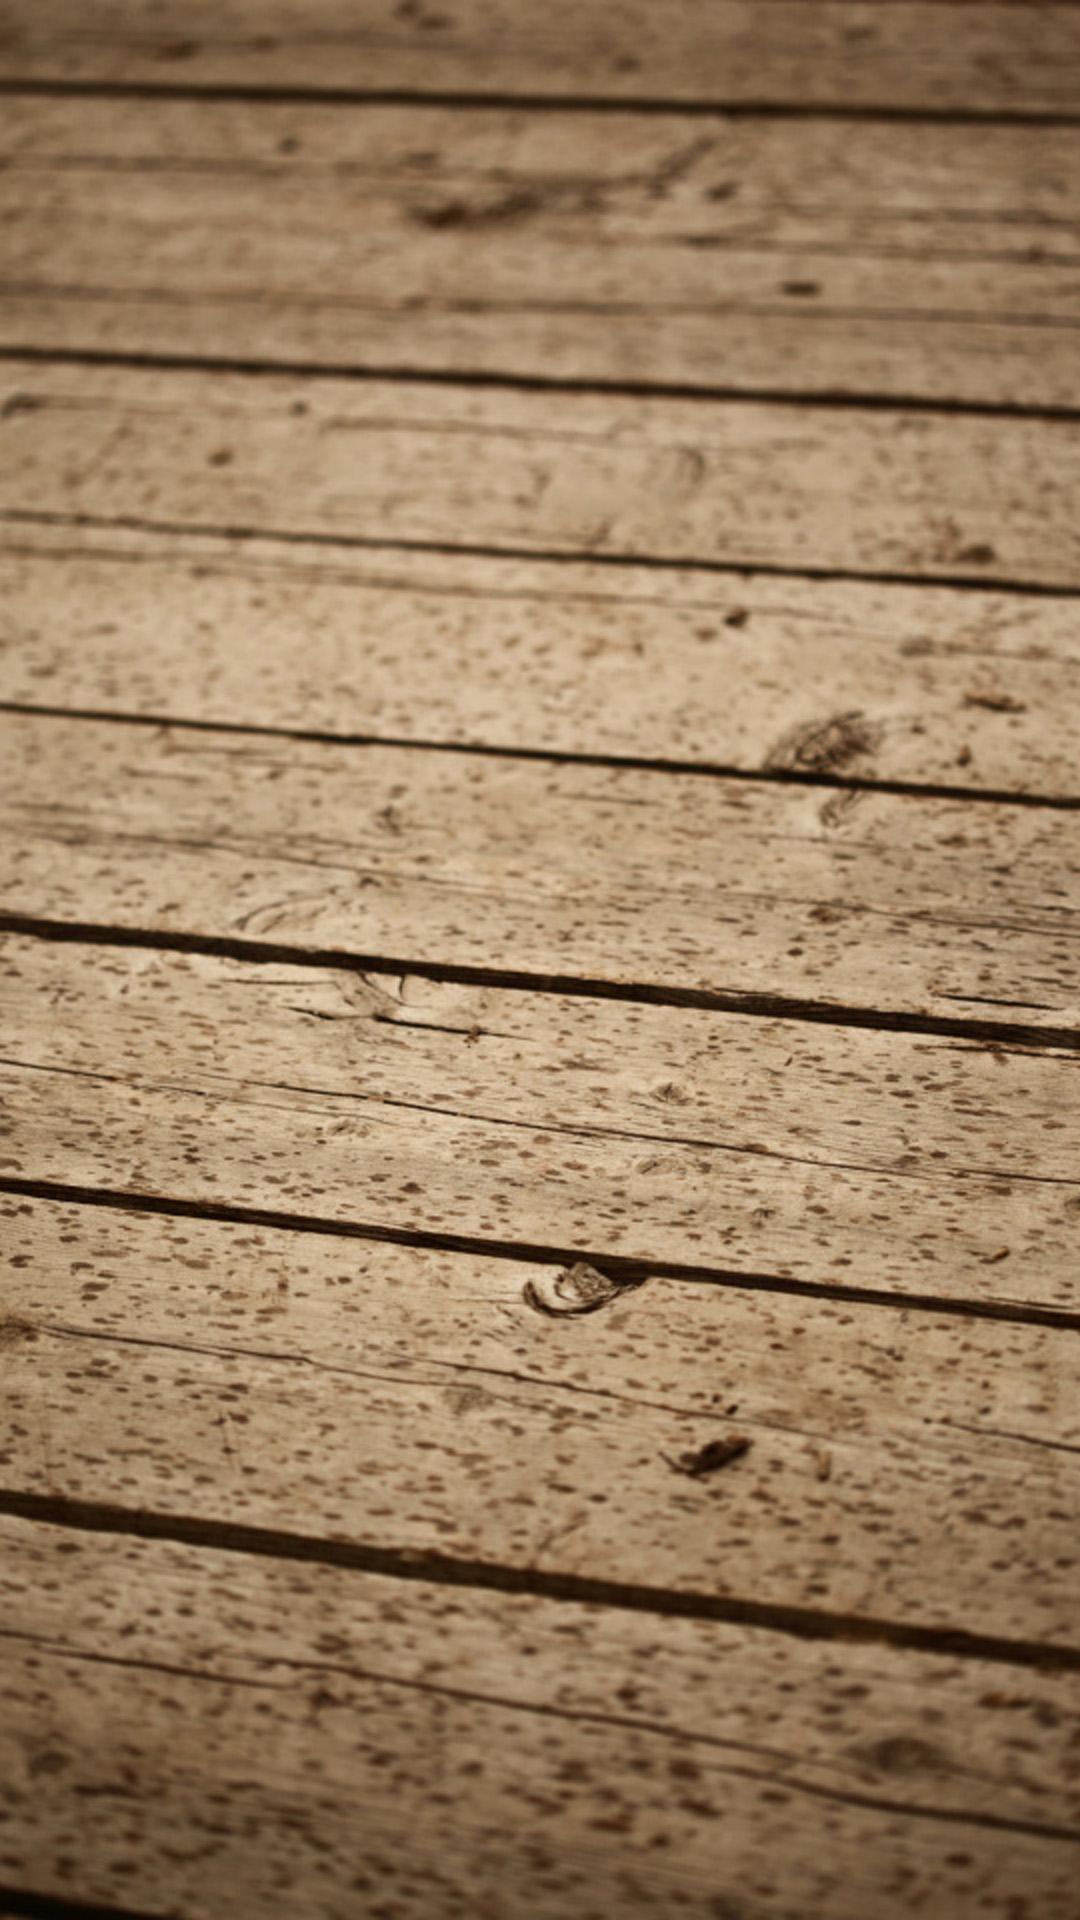 Wooden floor HD Wallpaper iPhone 6 plus   wallpapersmobilenet 1080x1920